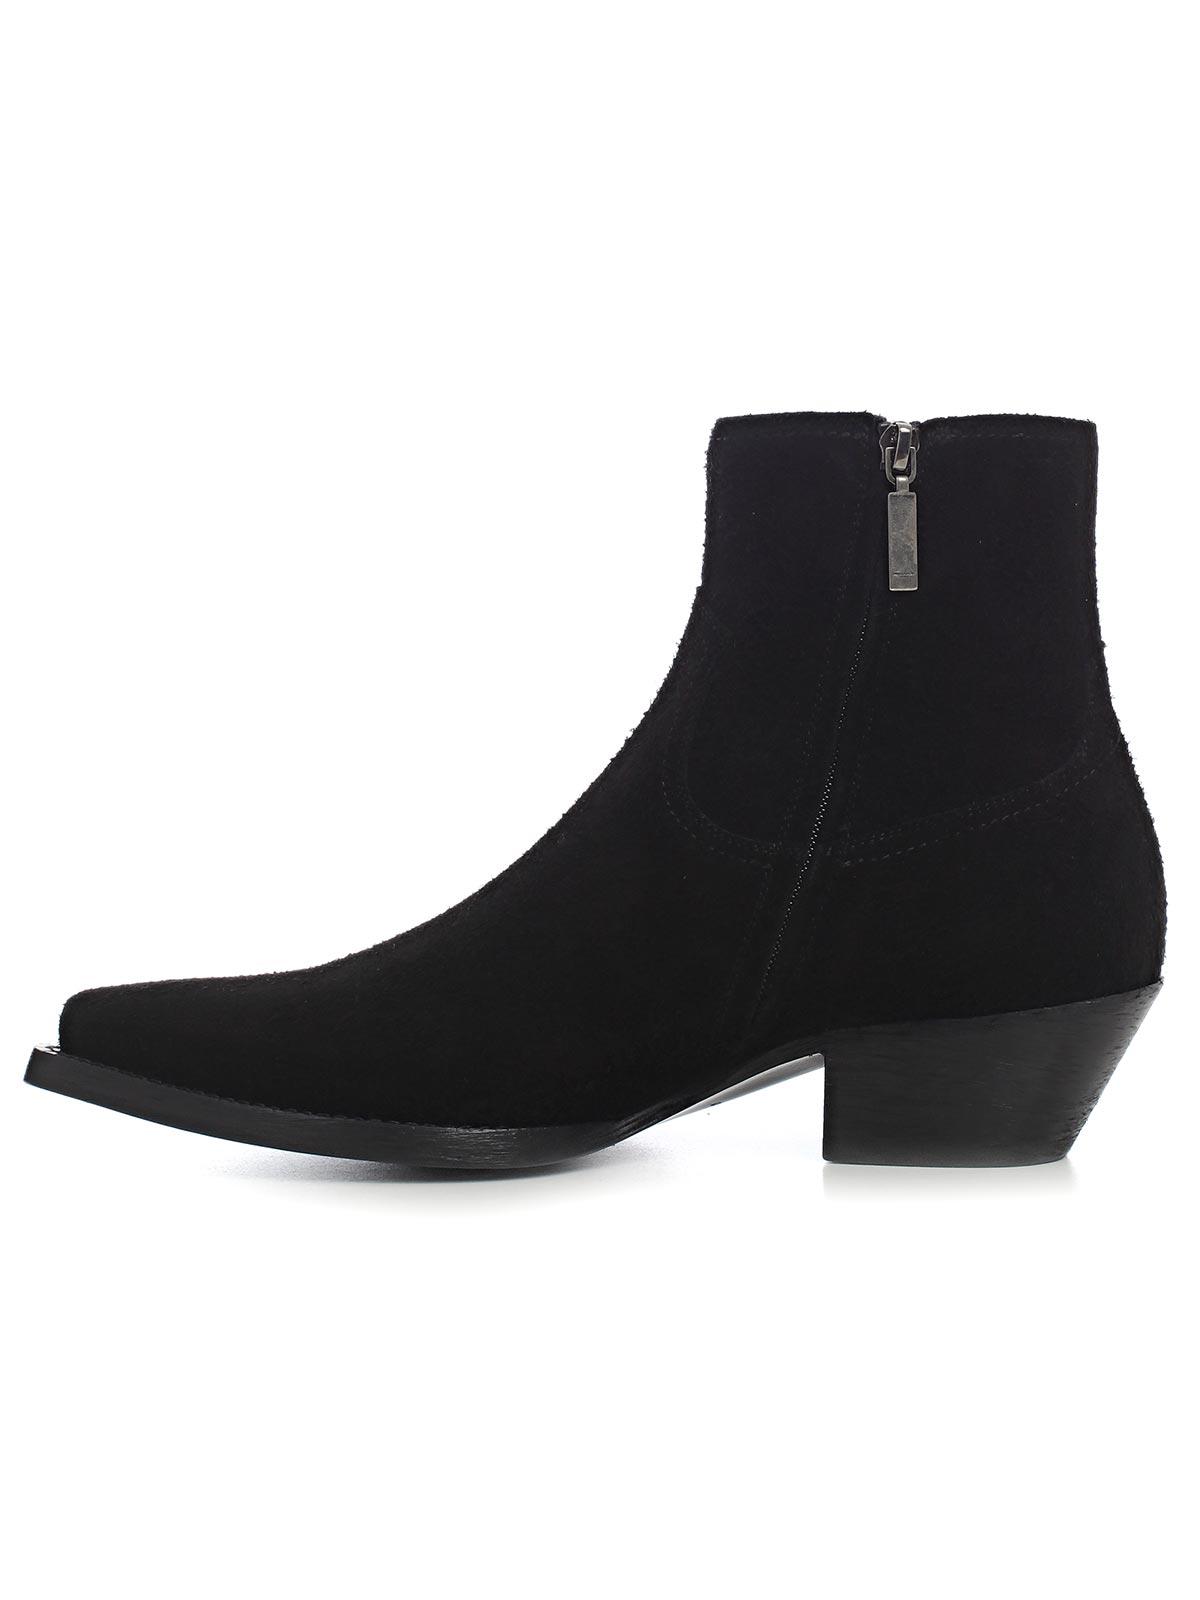 Picture of Saint Laurent Boots